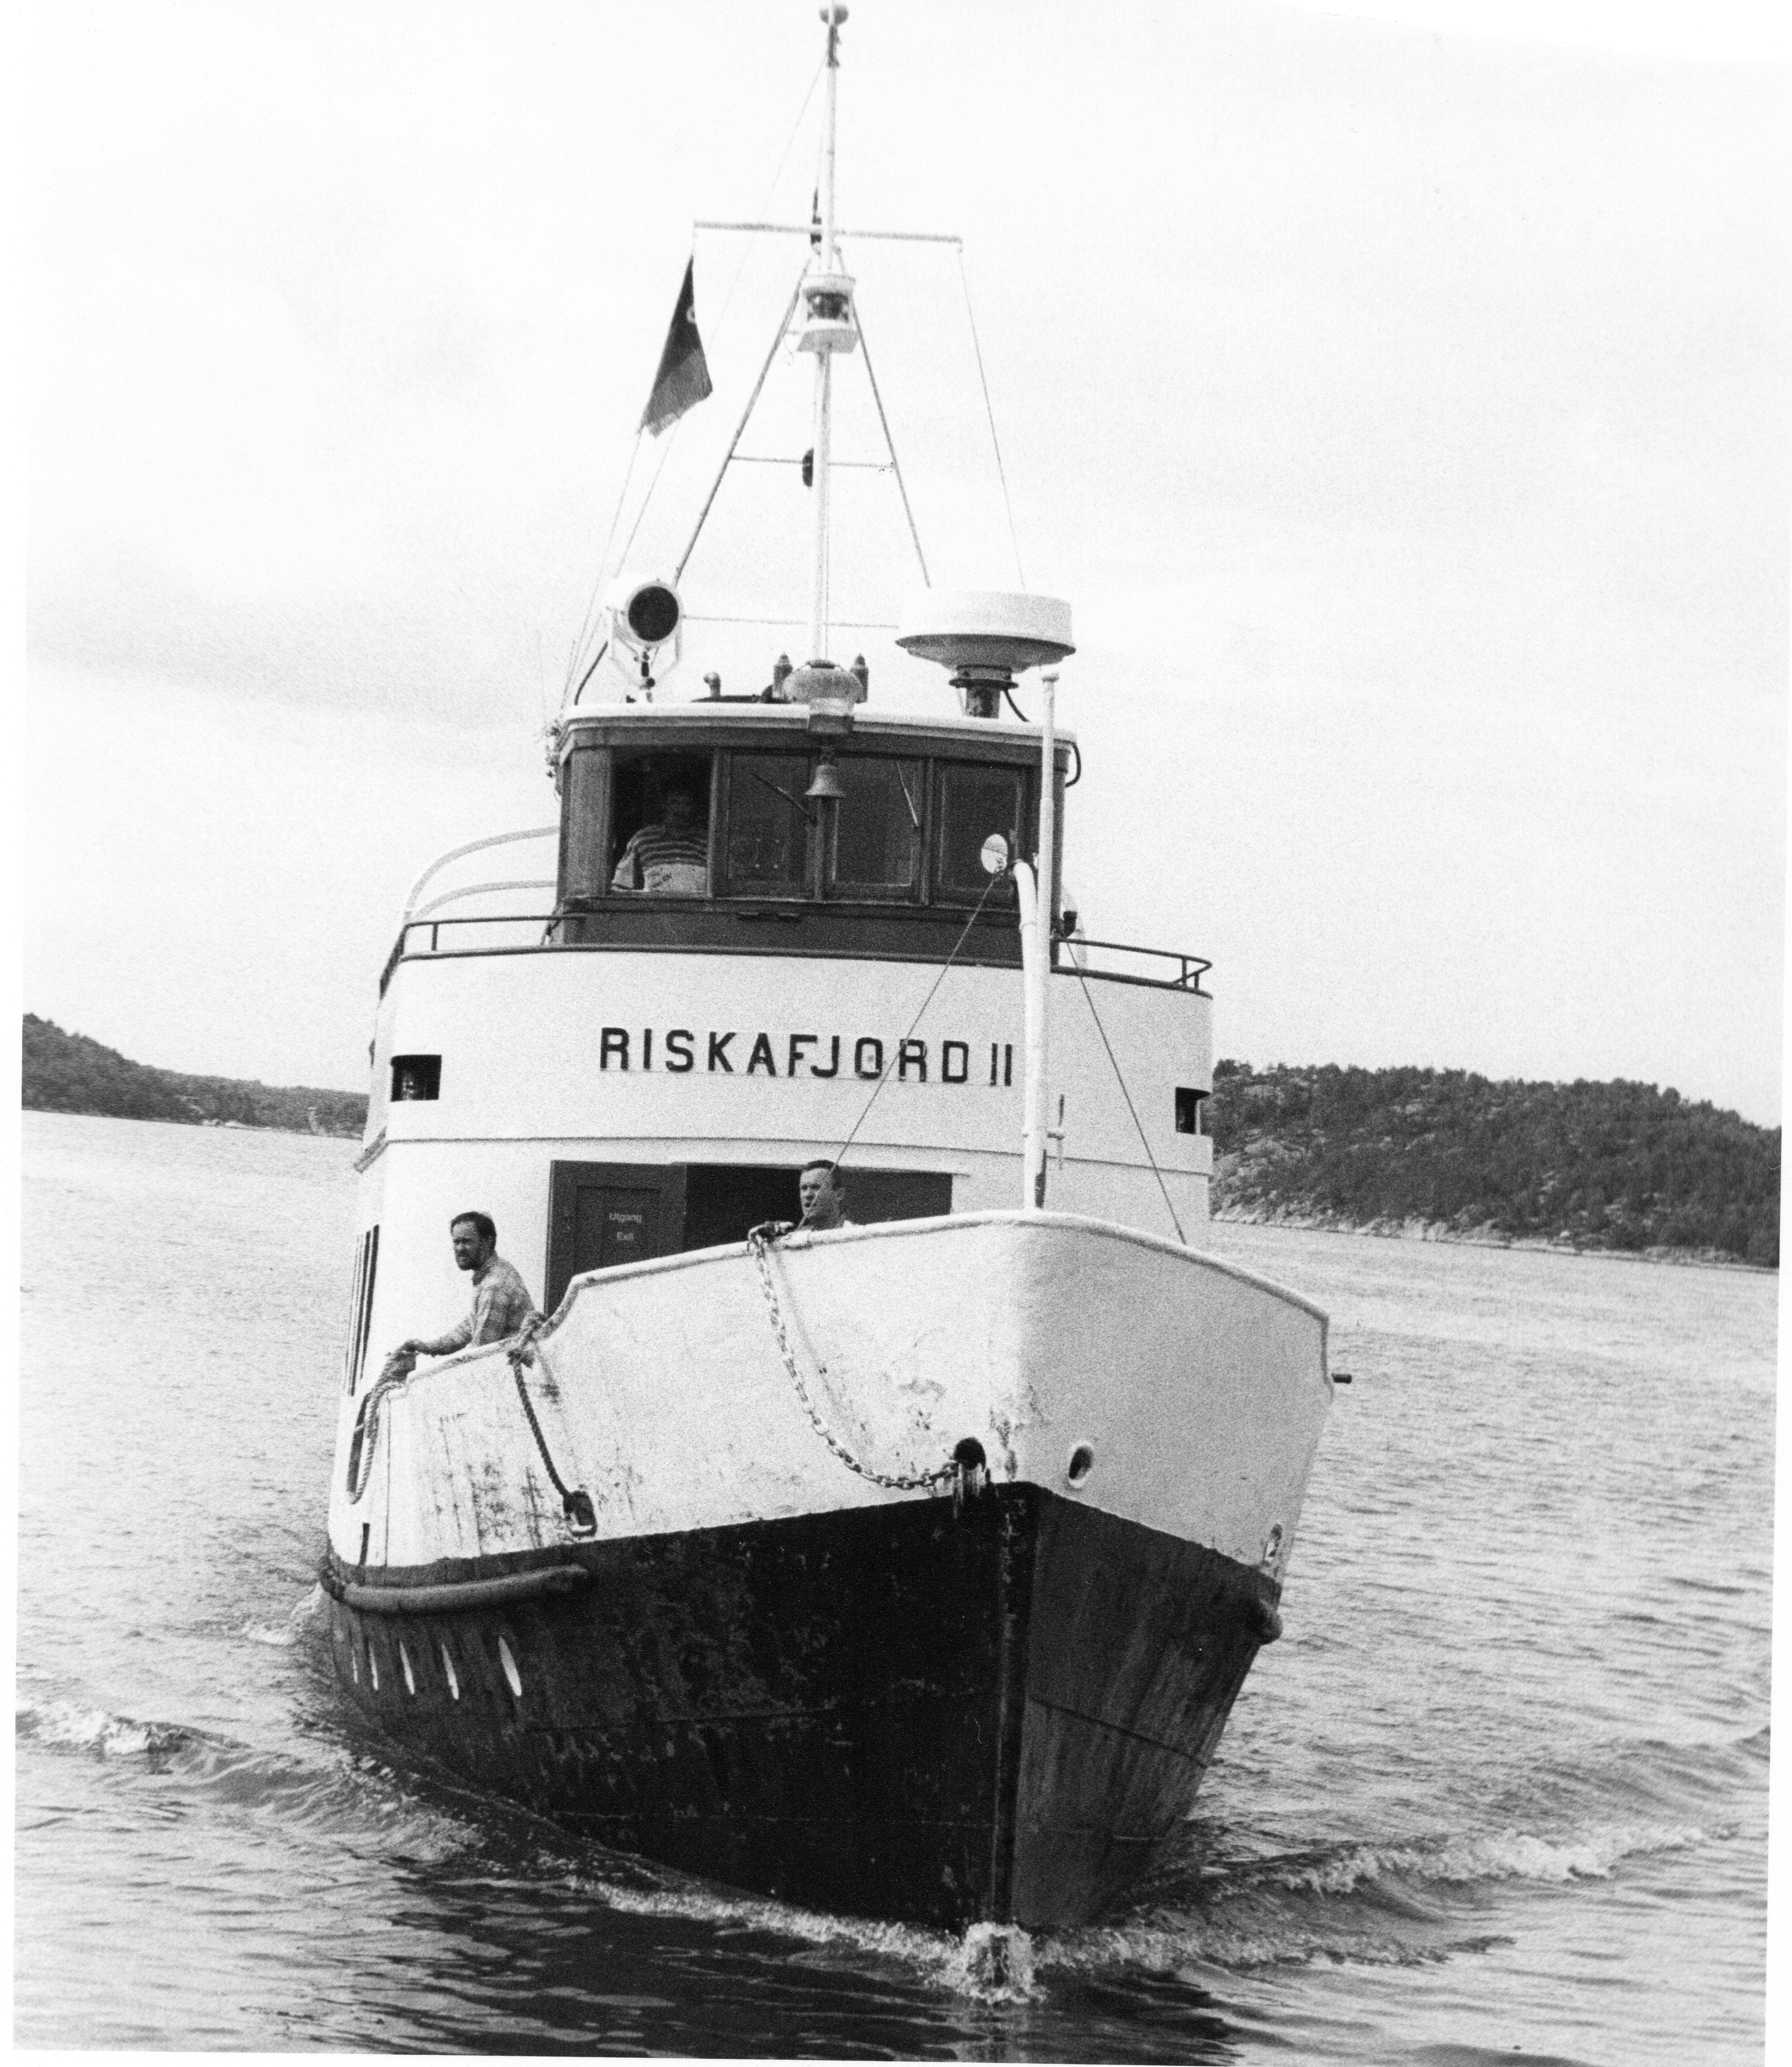 Hurtigbåt stavanger hommersåk